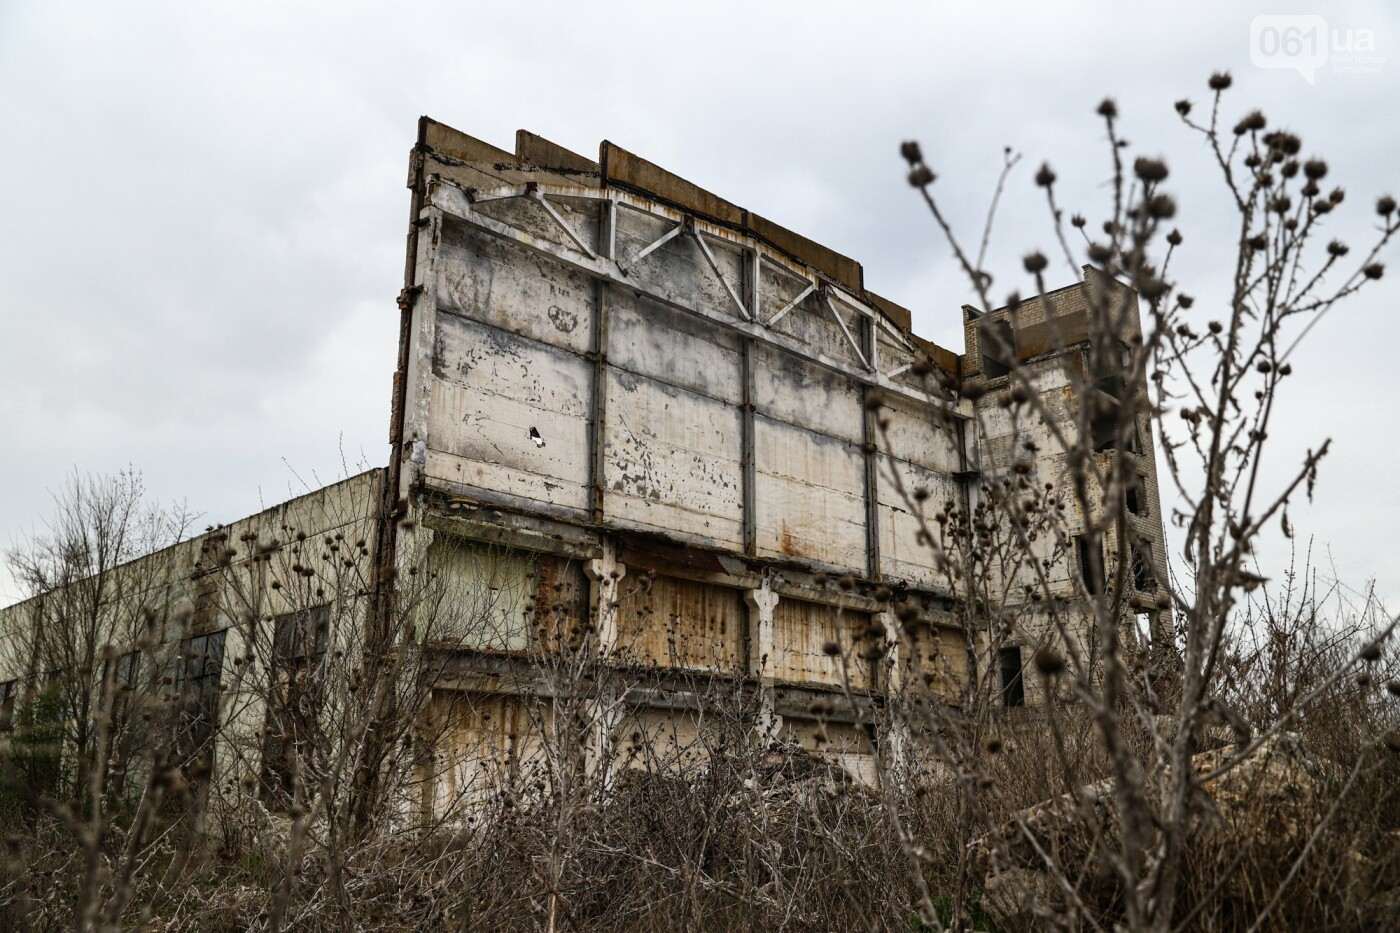 Монтаж первого пролета вантового моста, транспортный локдаун и репортаж из заброшенной шахты: апрель в фотографиях, фото-95